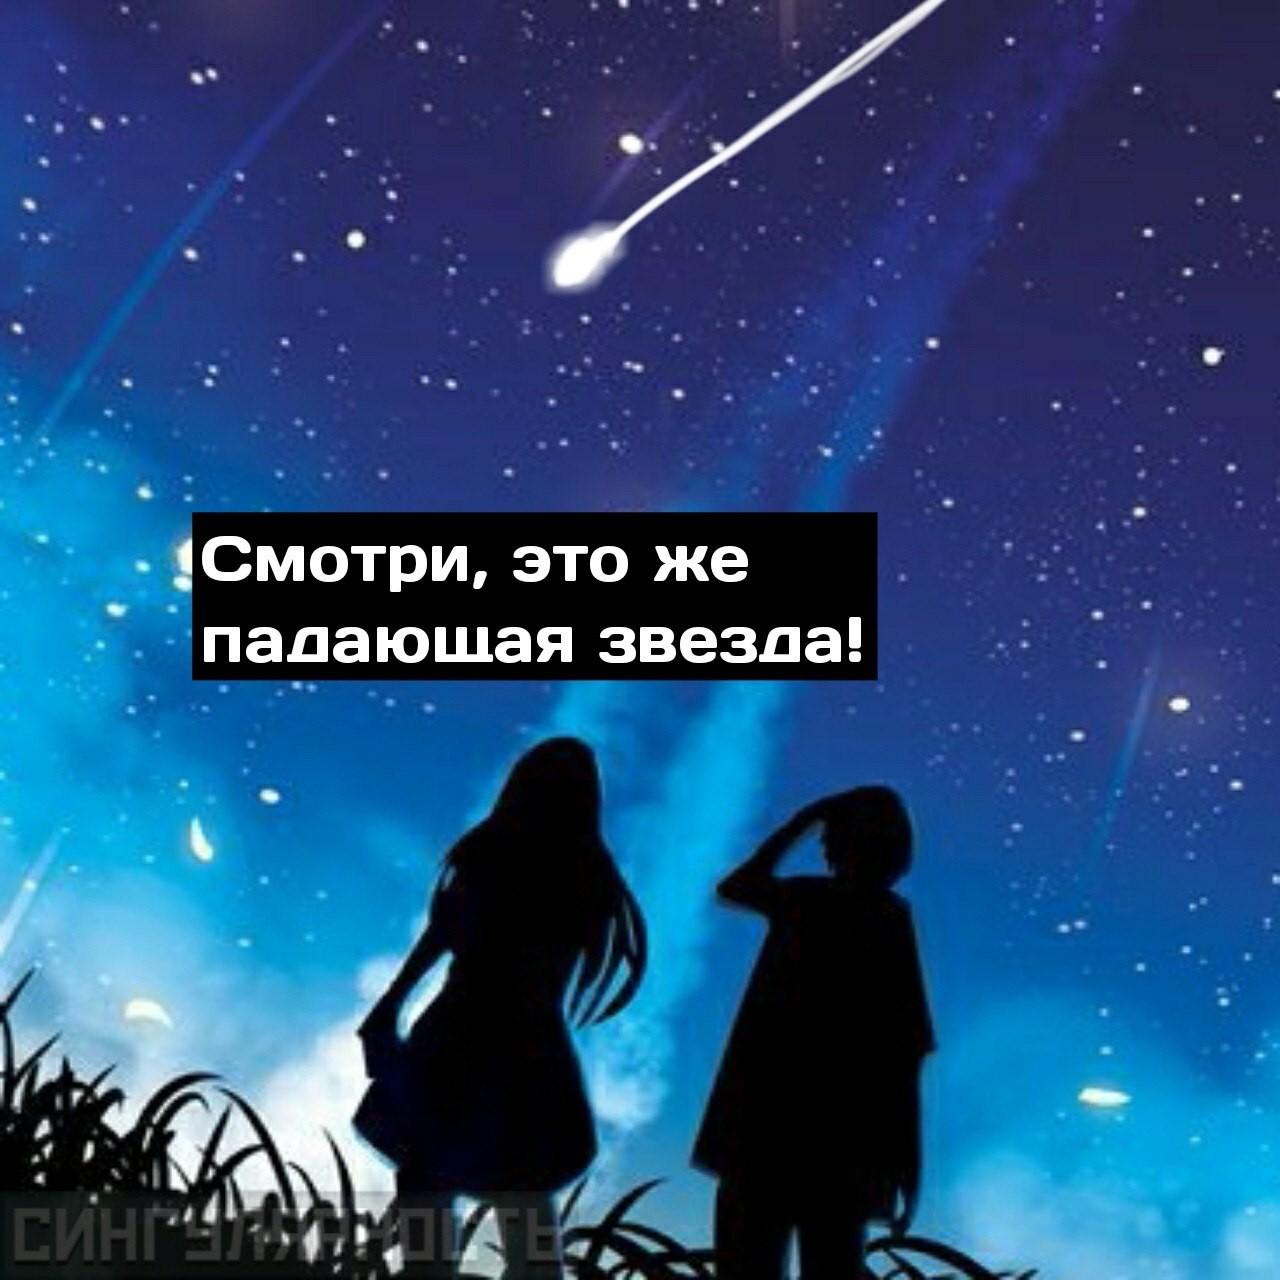 Паттерны падающая, утренняя и вечерняя звезда.